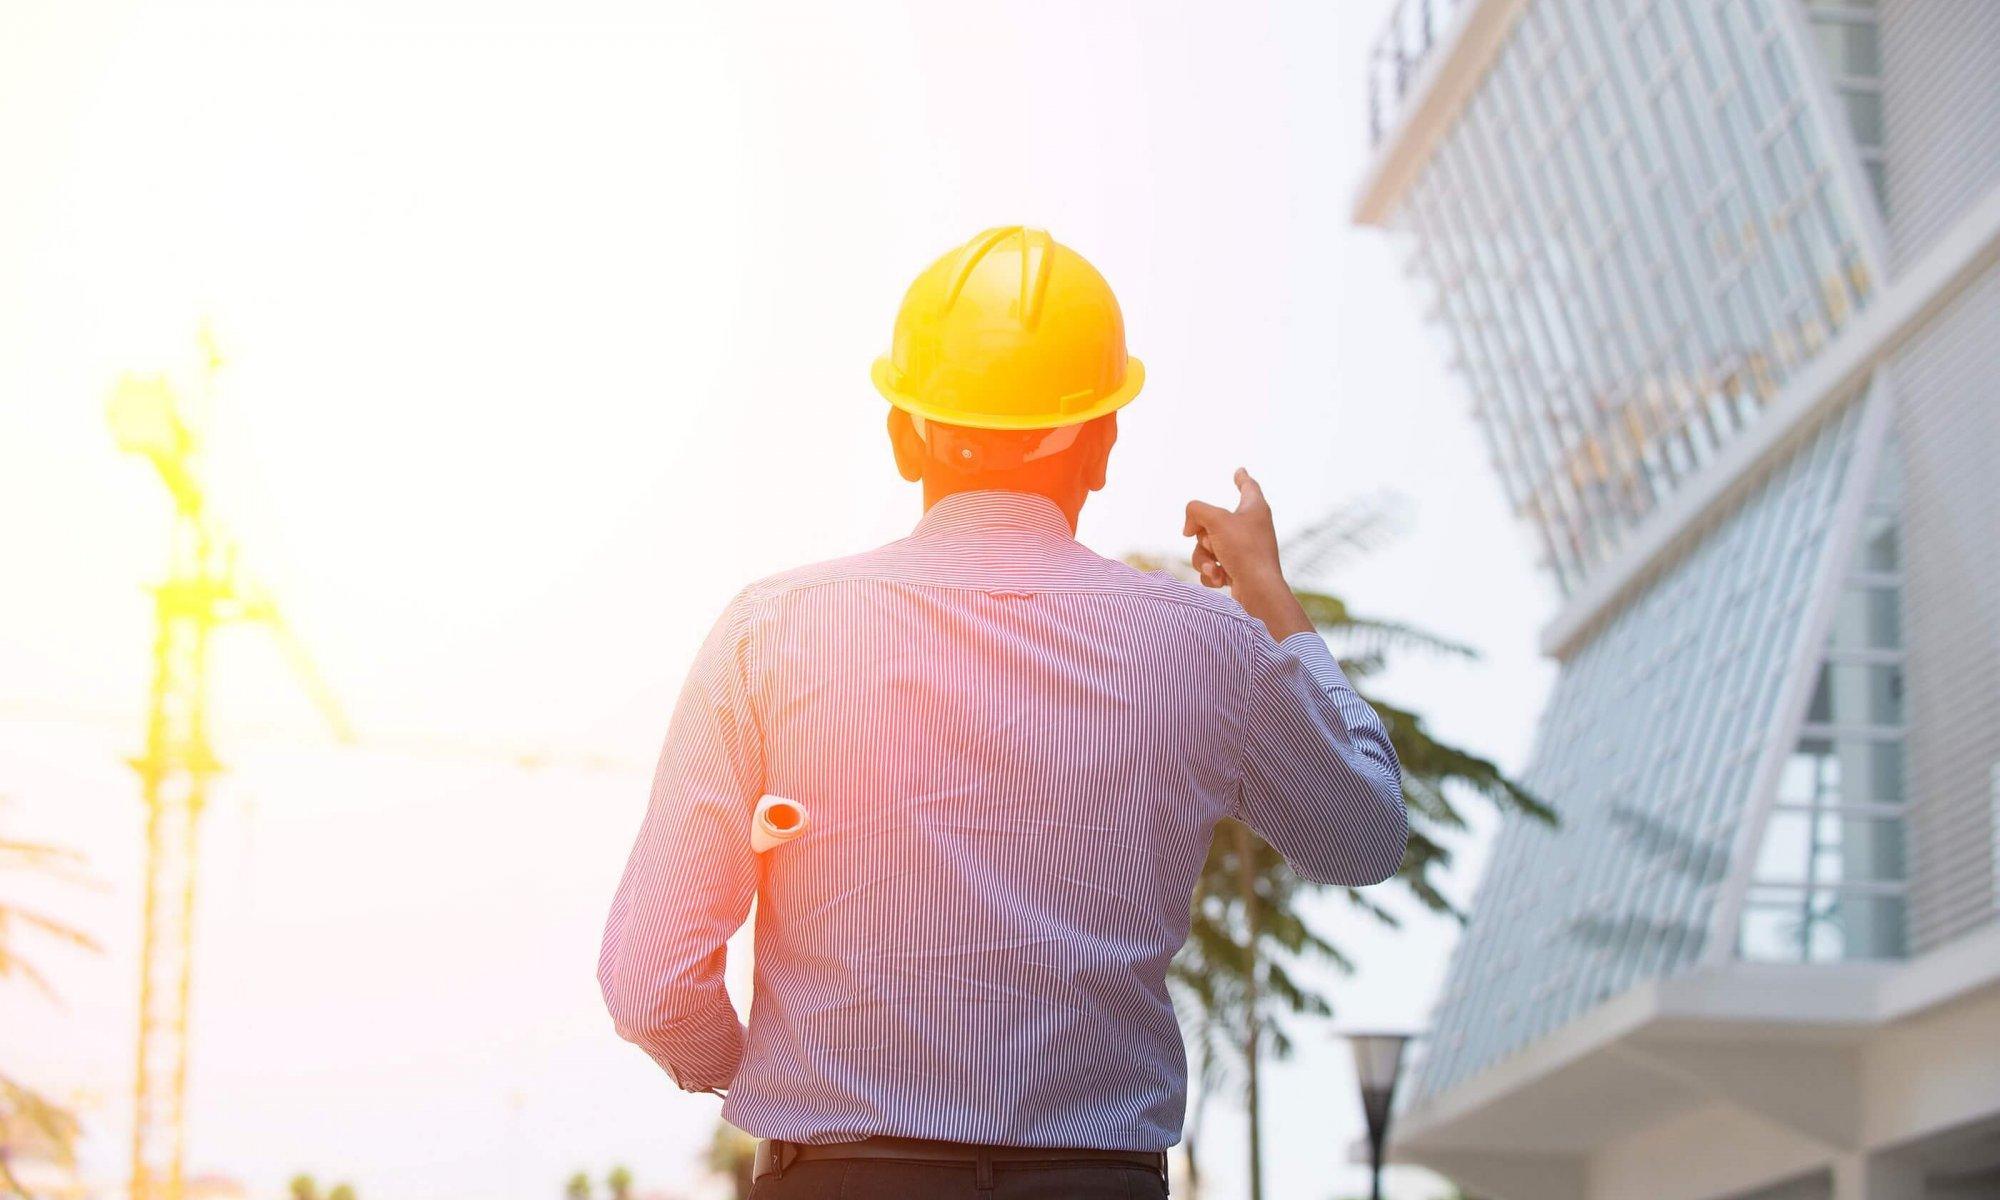 Energieaudit und Umweltzertifizierung in Unternehmen